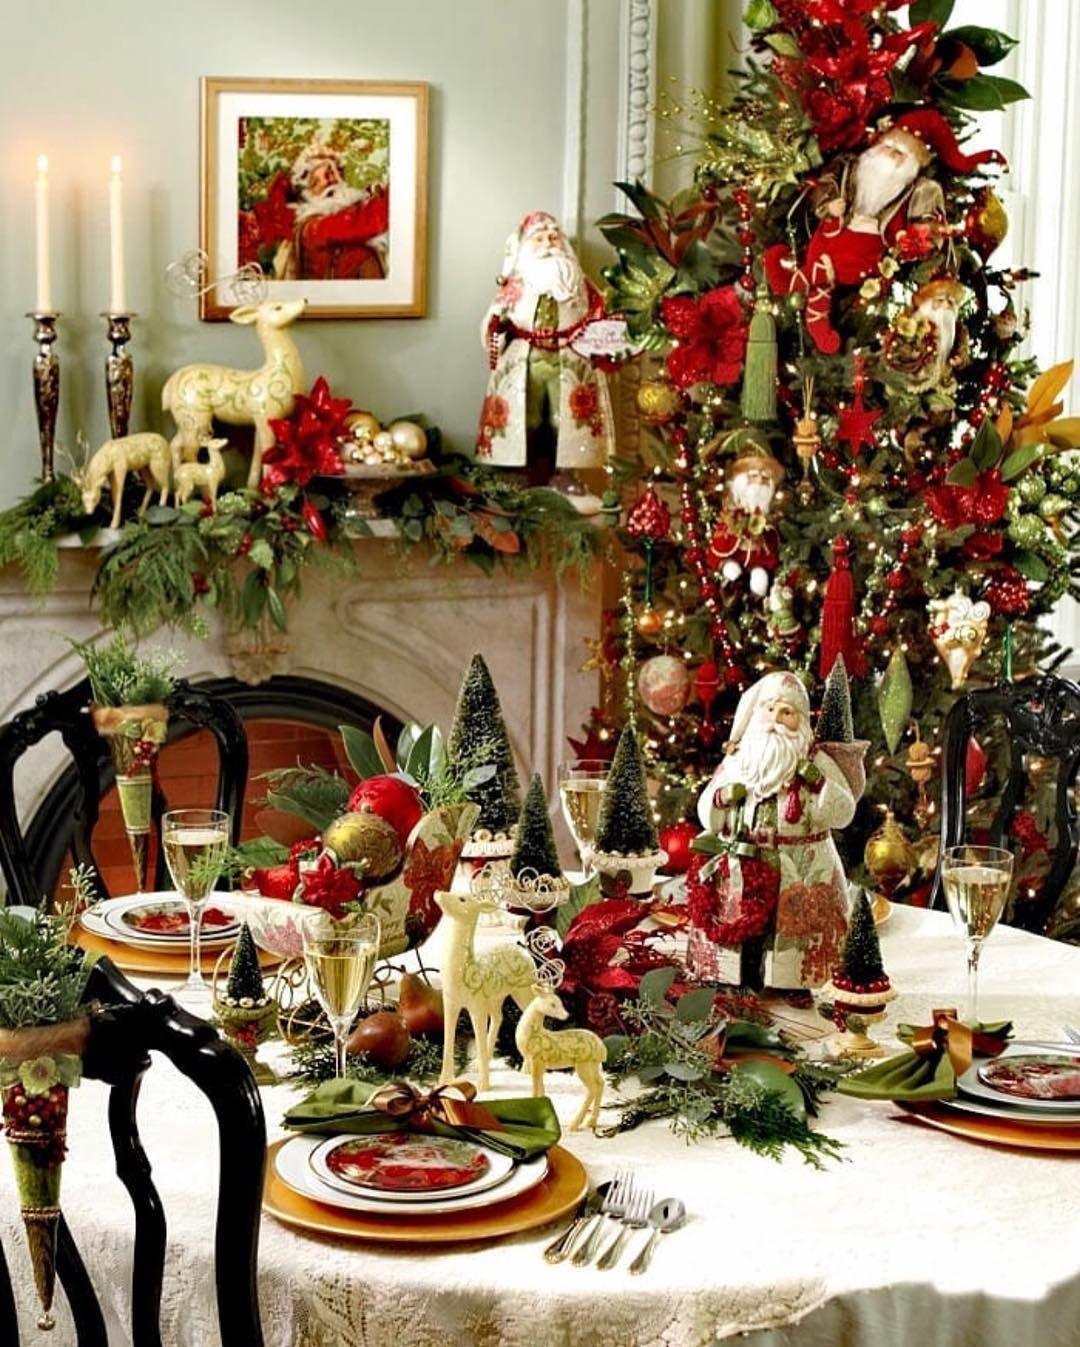 La Imagen Puede Contener Personas Sentadas Tabla Planta E Interi Bricolaje De Decoraciones De Navidad Mesas De Cena De Navidad Decoracion De Mesas Navidenas